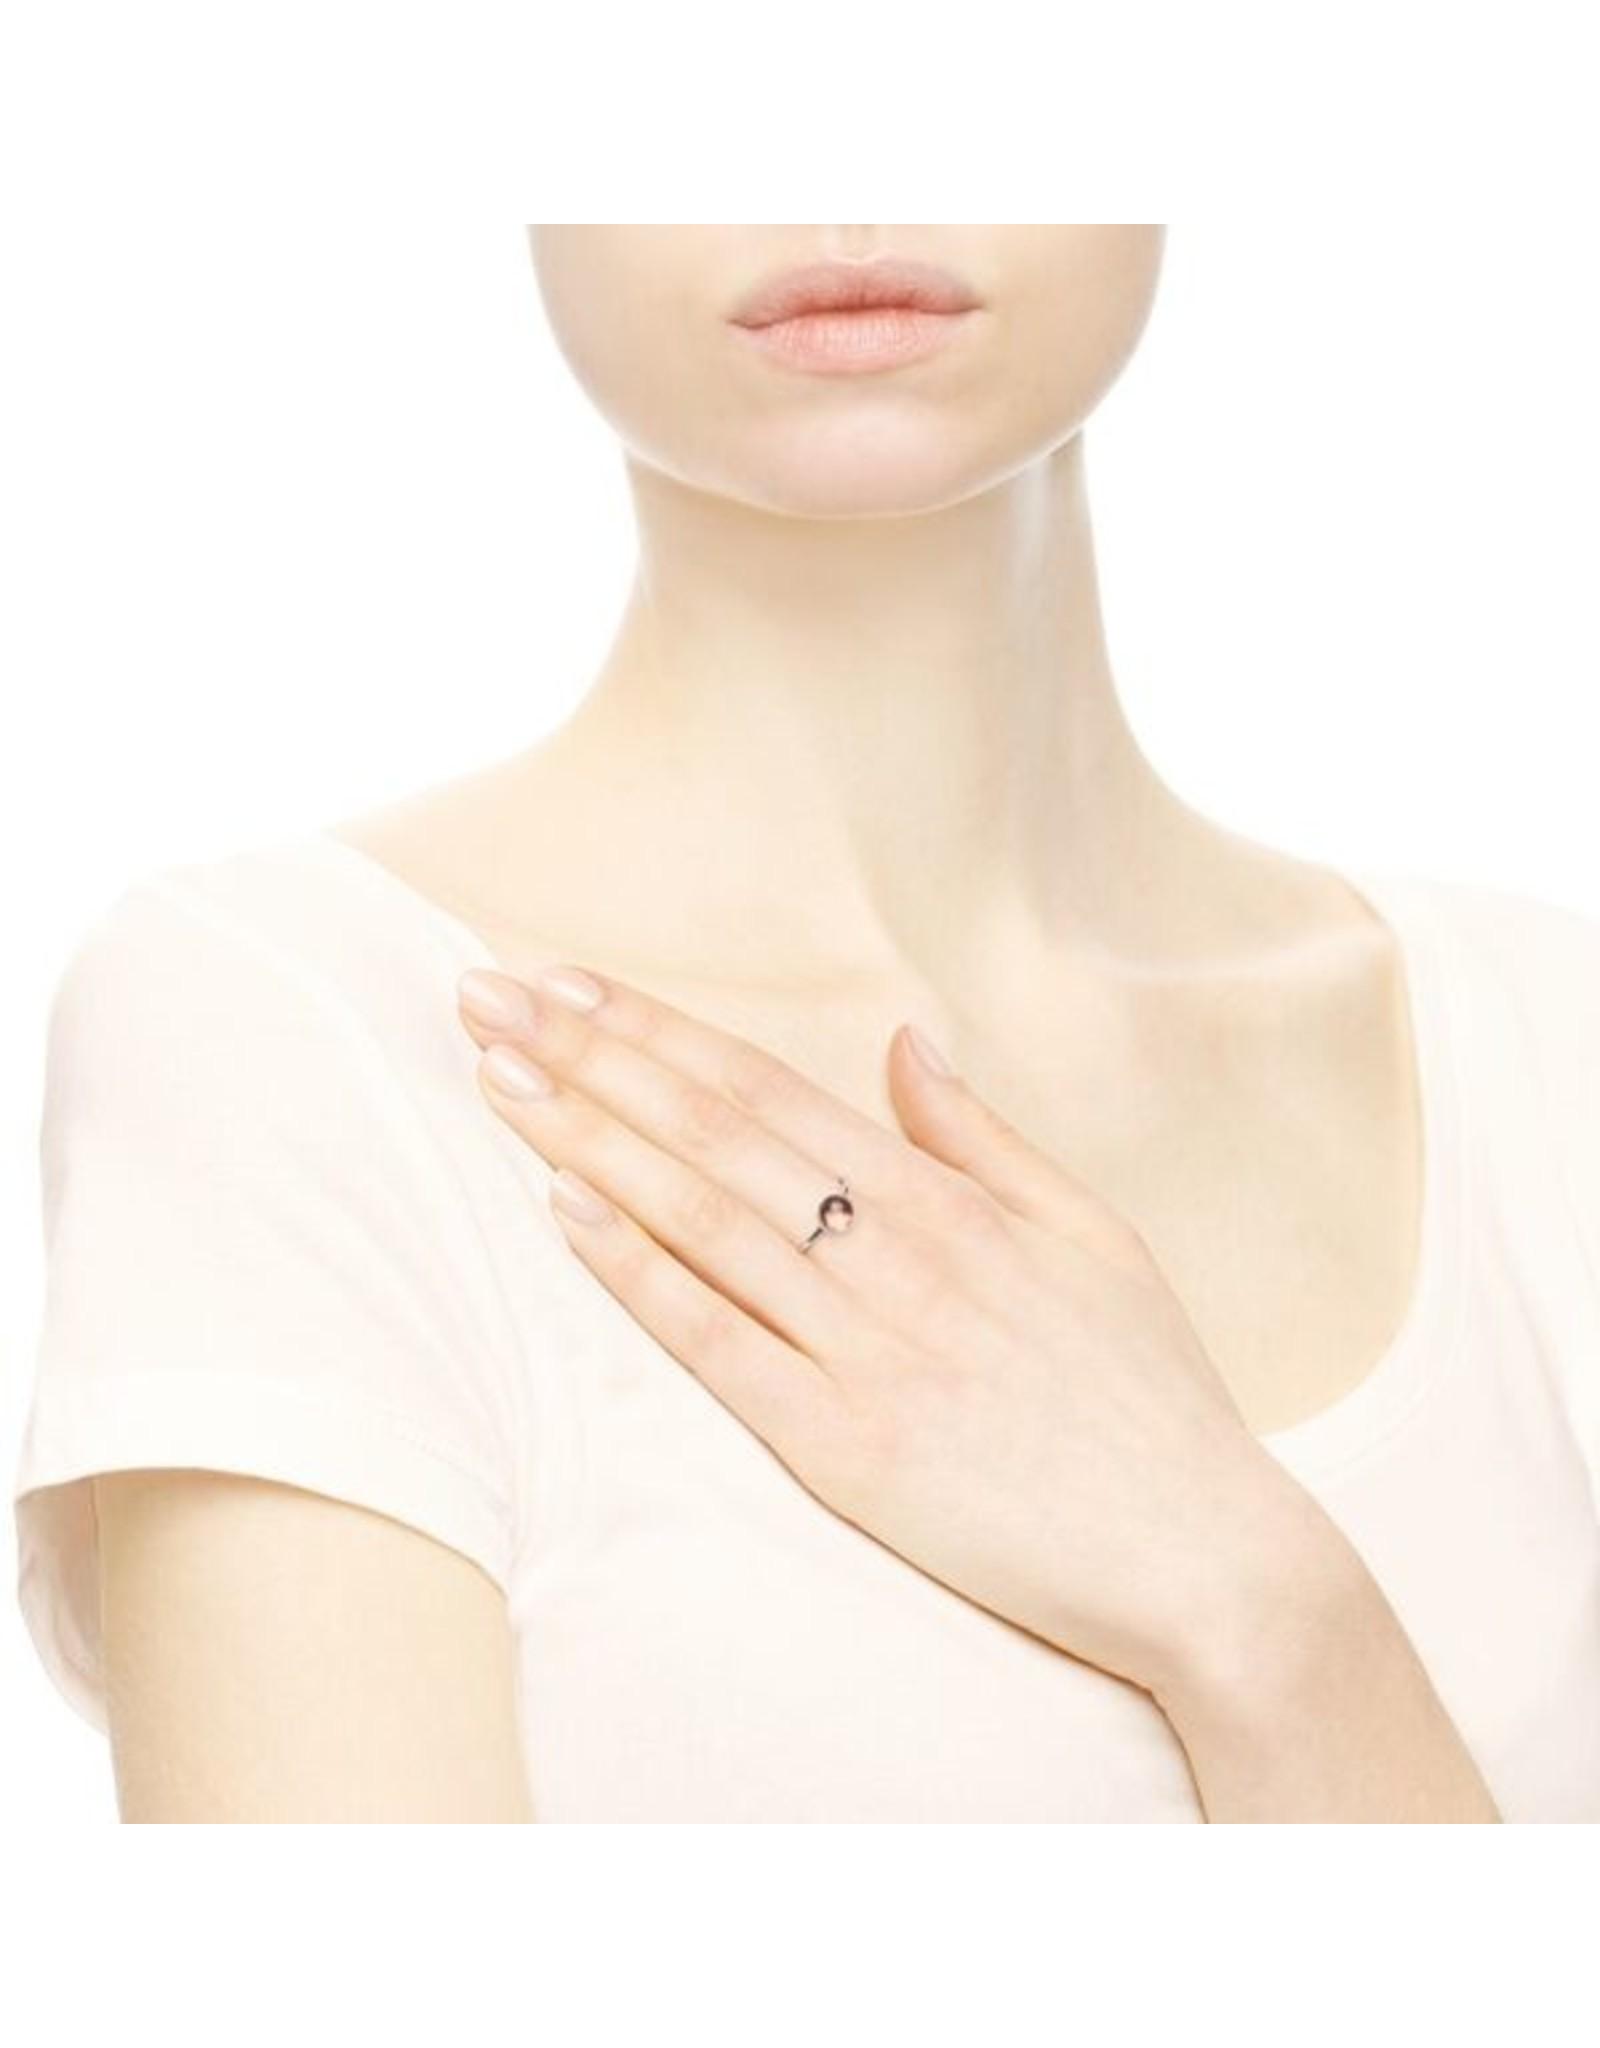 Pandora Pandora Ring, Poetic Droplet, Blush Pink Crystal